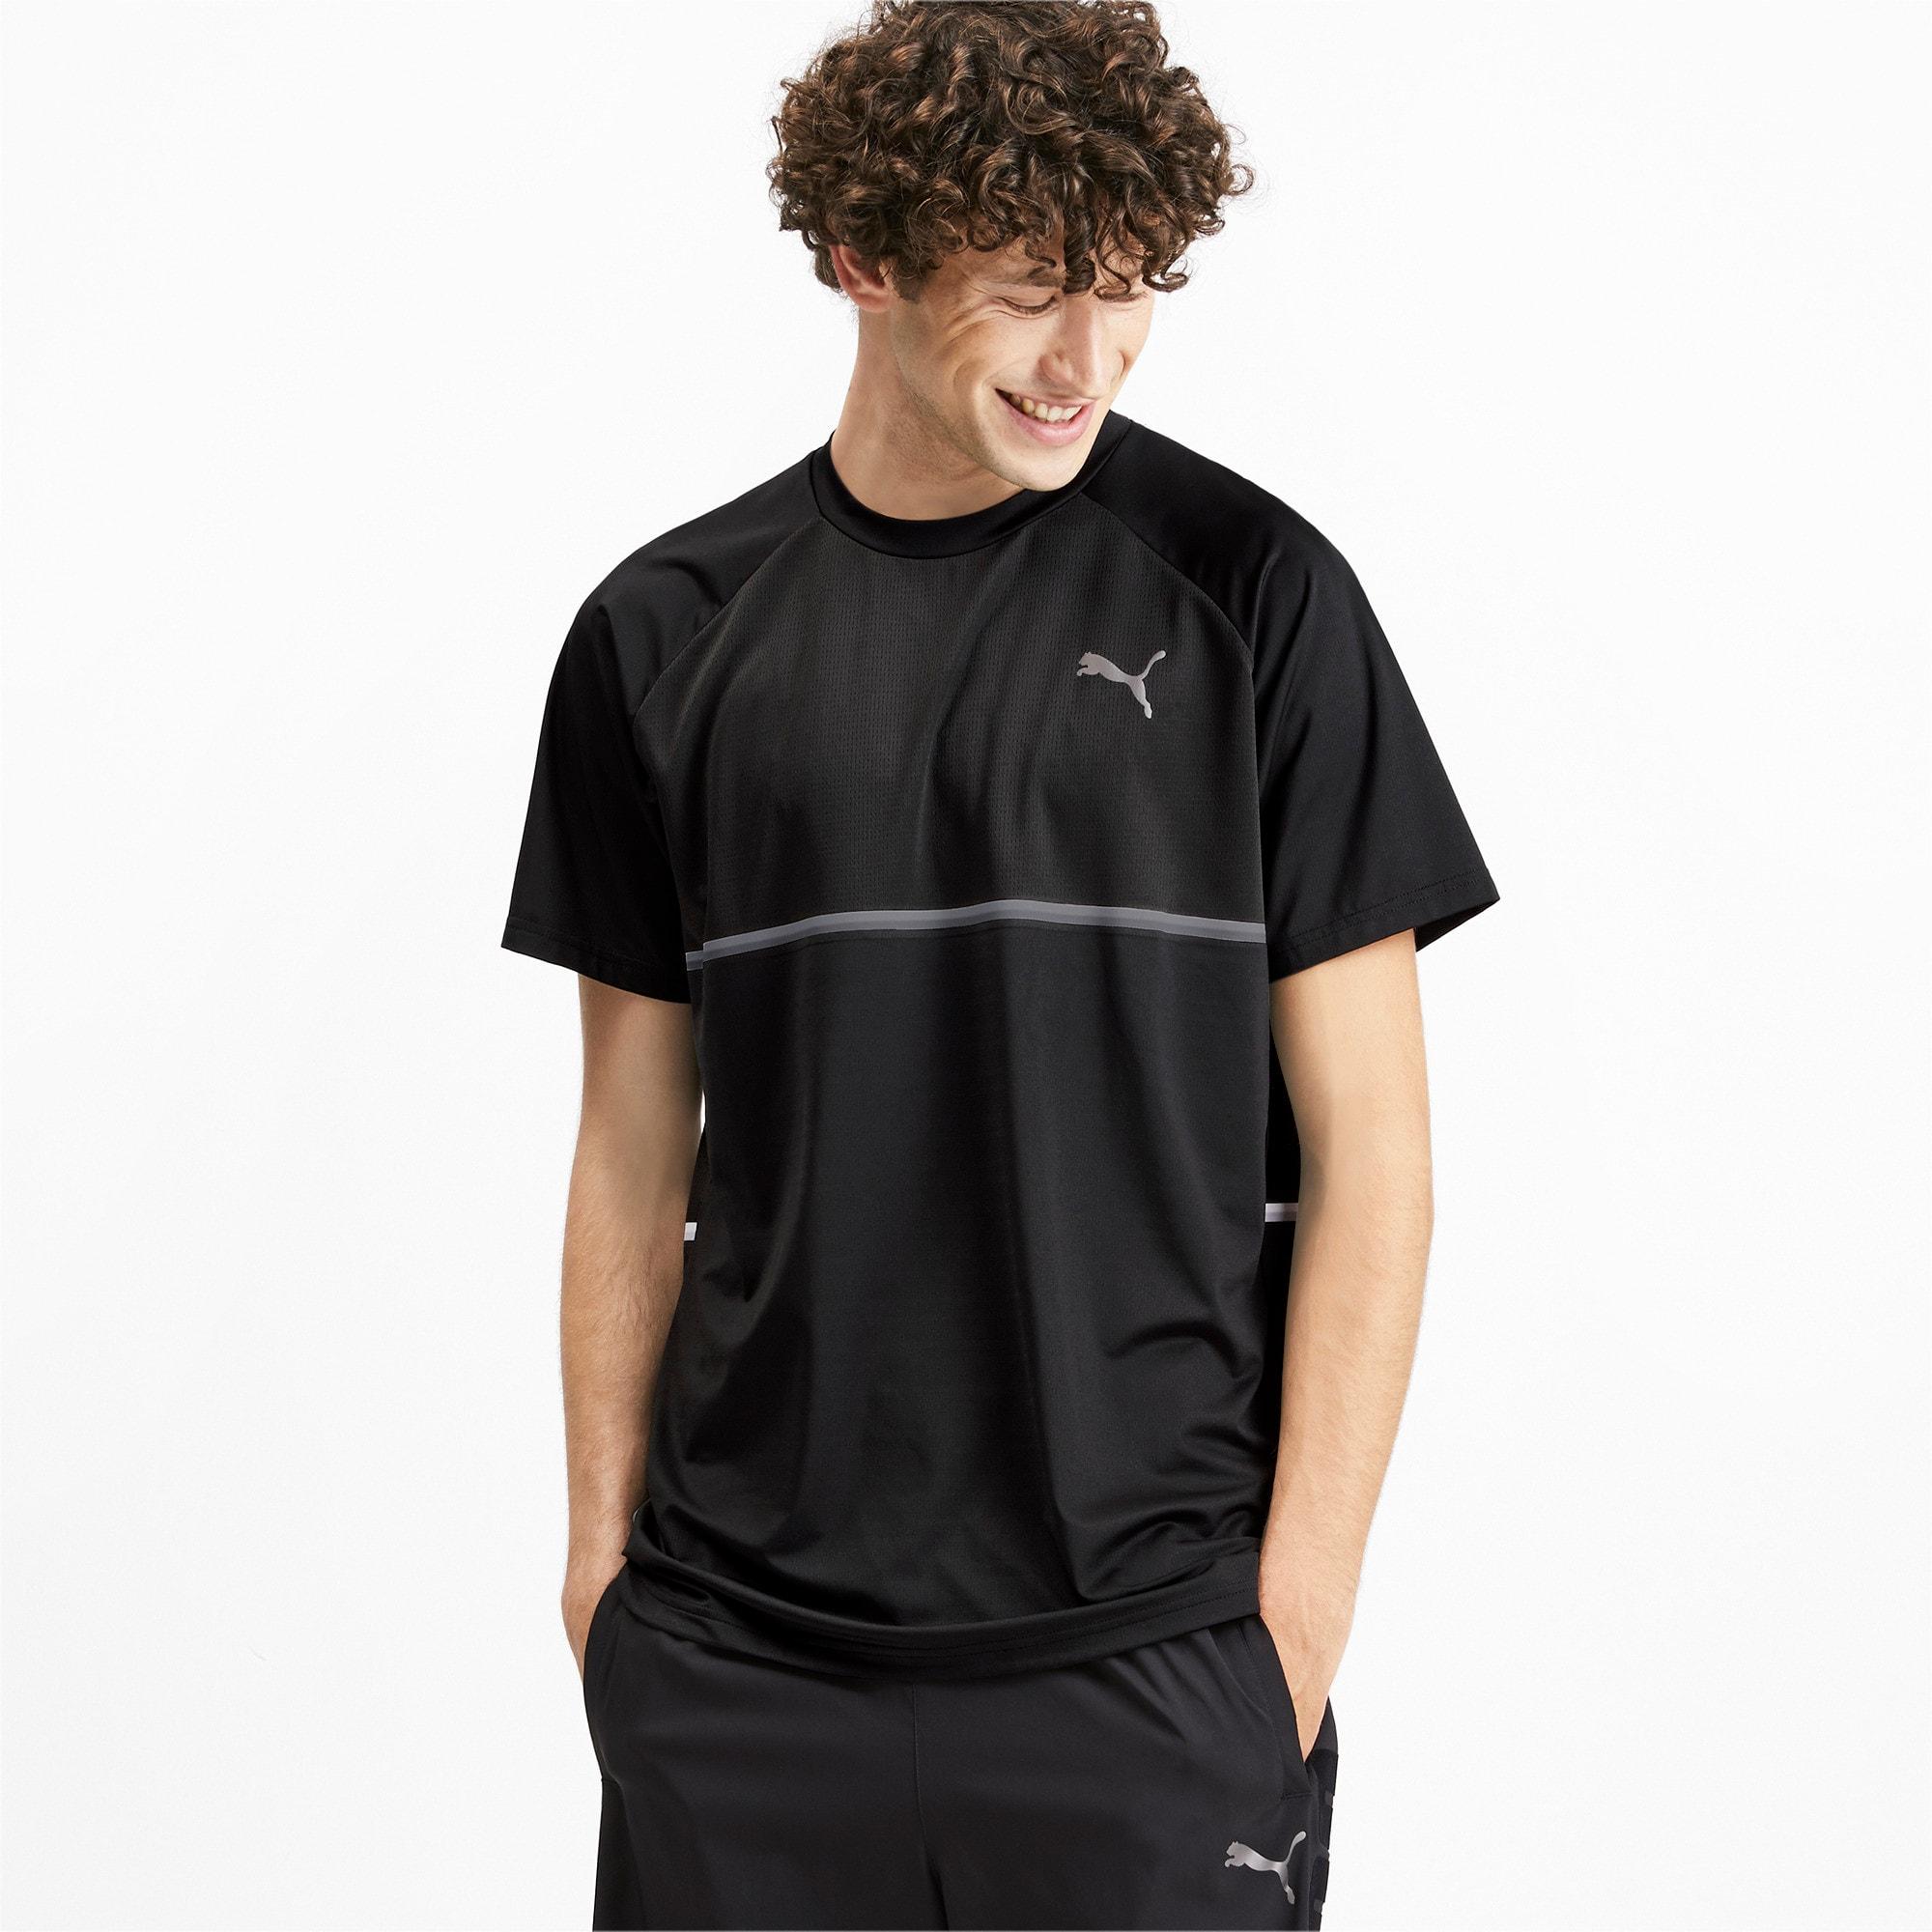 Miniatura 1 de Camiseta Power BND para hombre, Puma Black, mediano